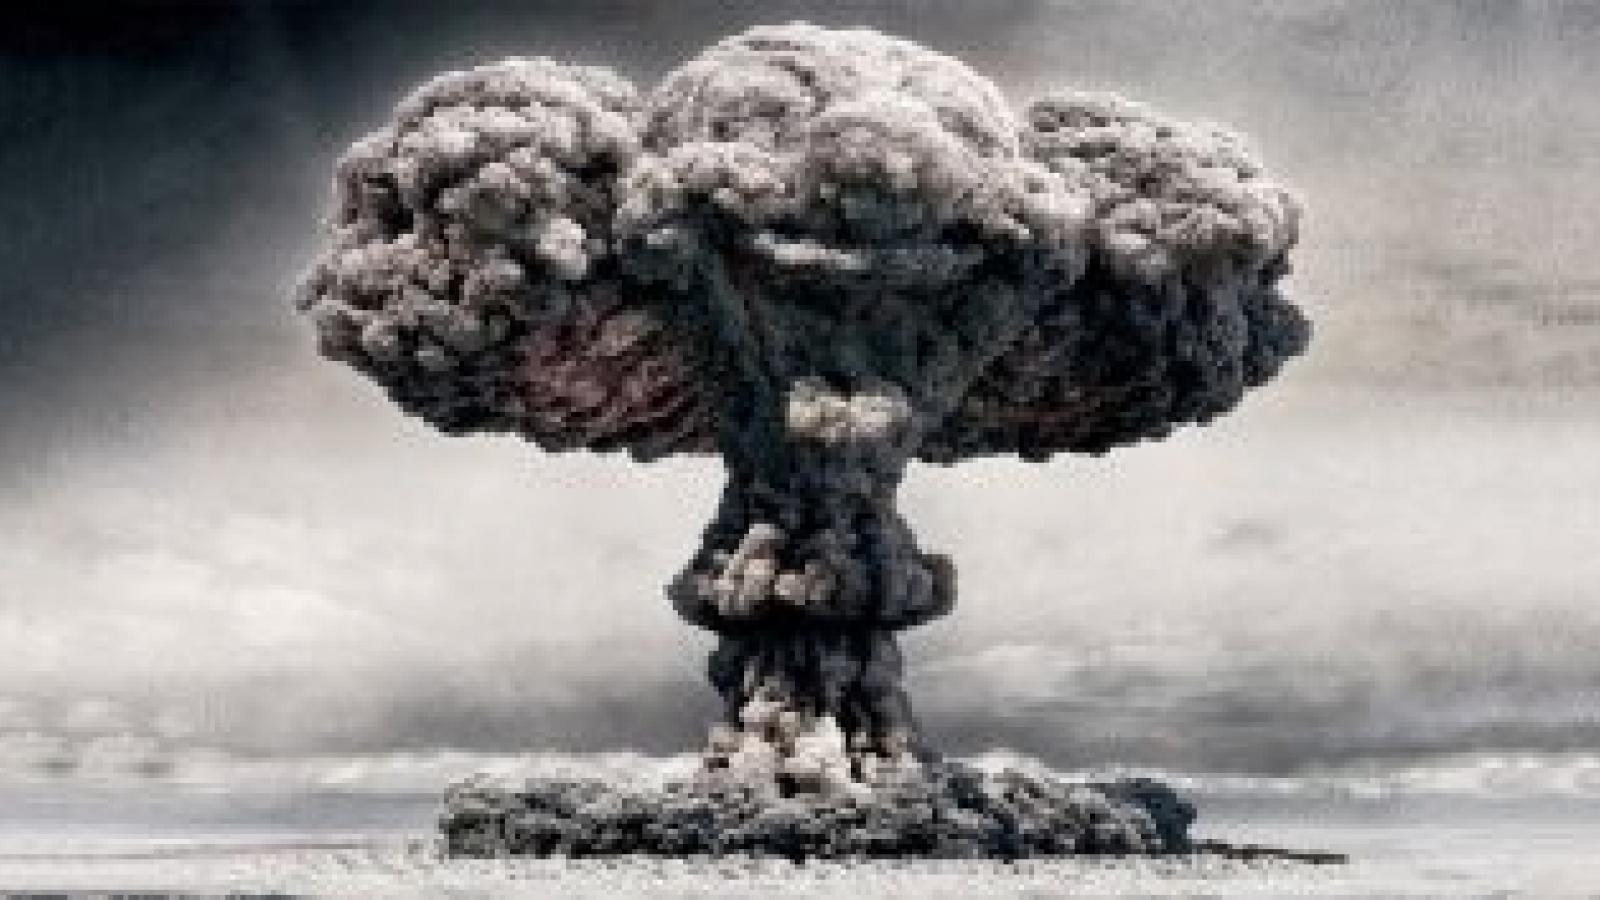 Người Mỹ Do Thái và Pháp giúp Israel chế tạo vũ khí hạt nhân như thế nào